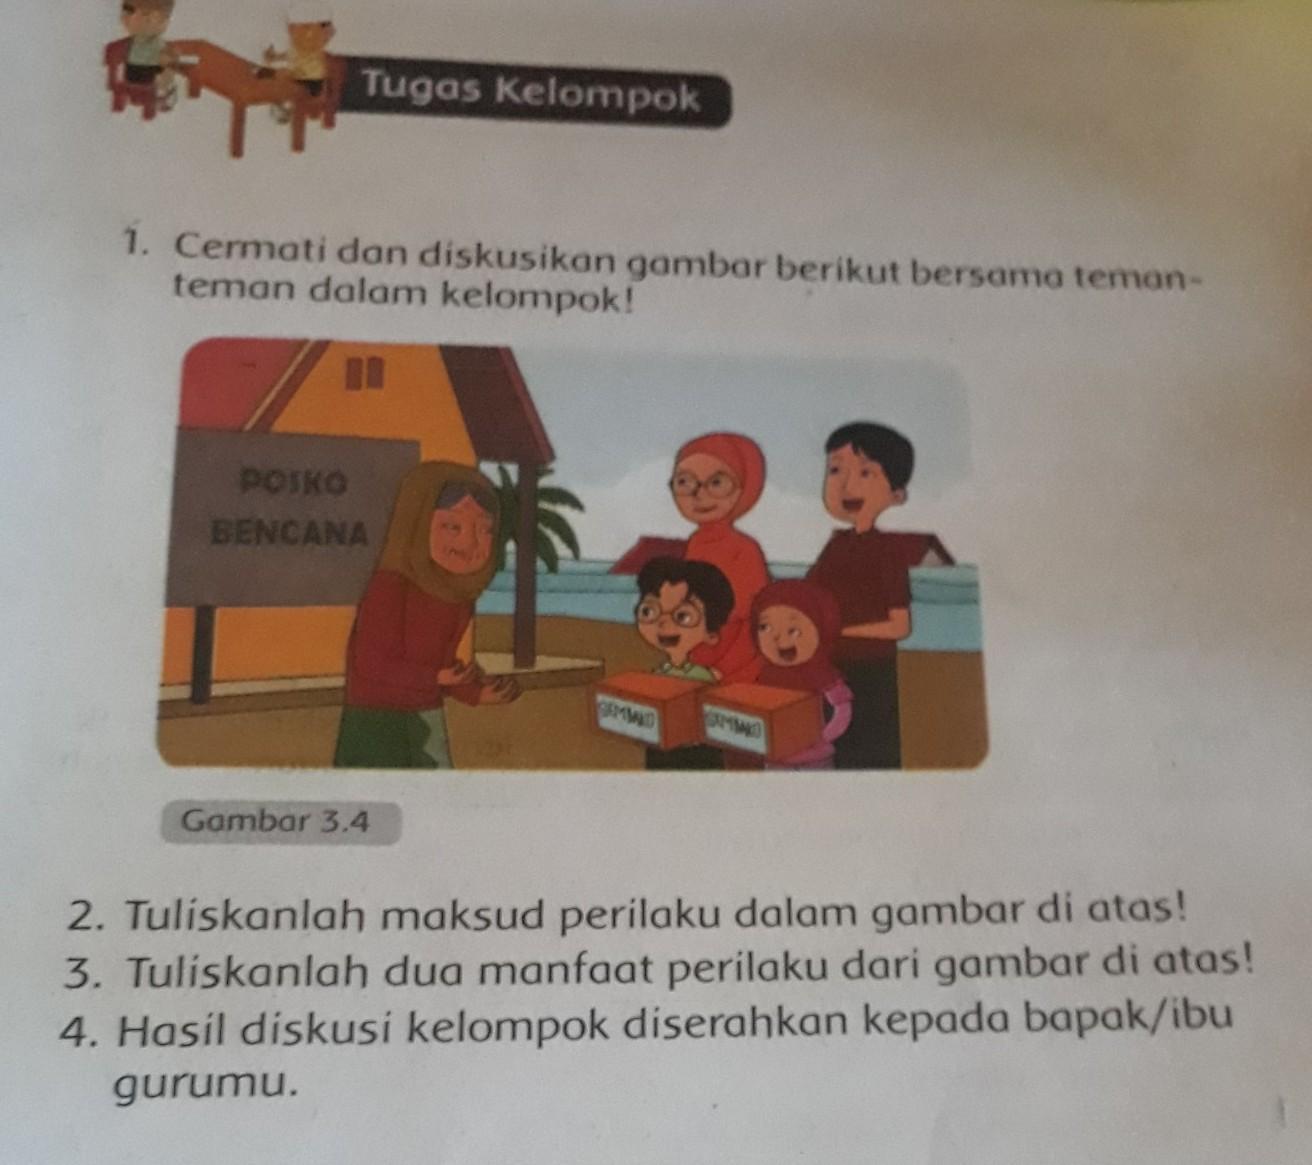 Prediksi soal dan kunci jawaban uas pendidikan agama islam. Kunci Jawaban Buku Pendidikan Agama Islam Dan Budi Pekerti Kelas 3 Halaman 37 Brainly Co Id